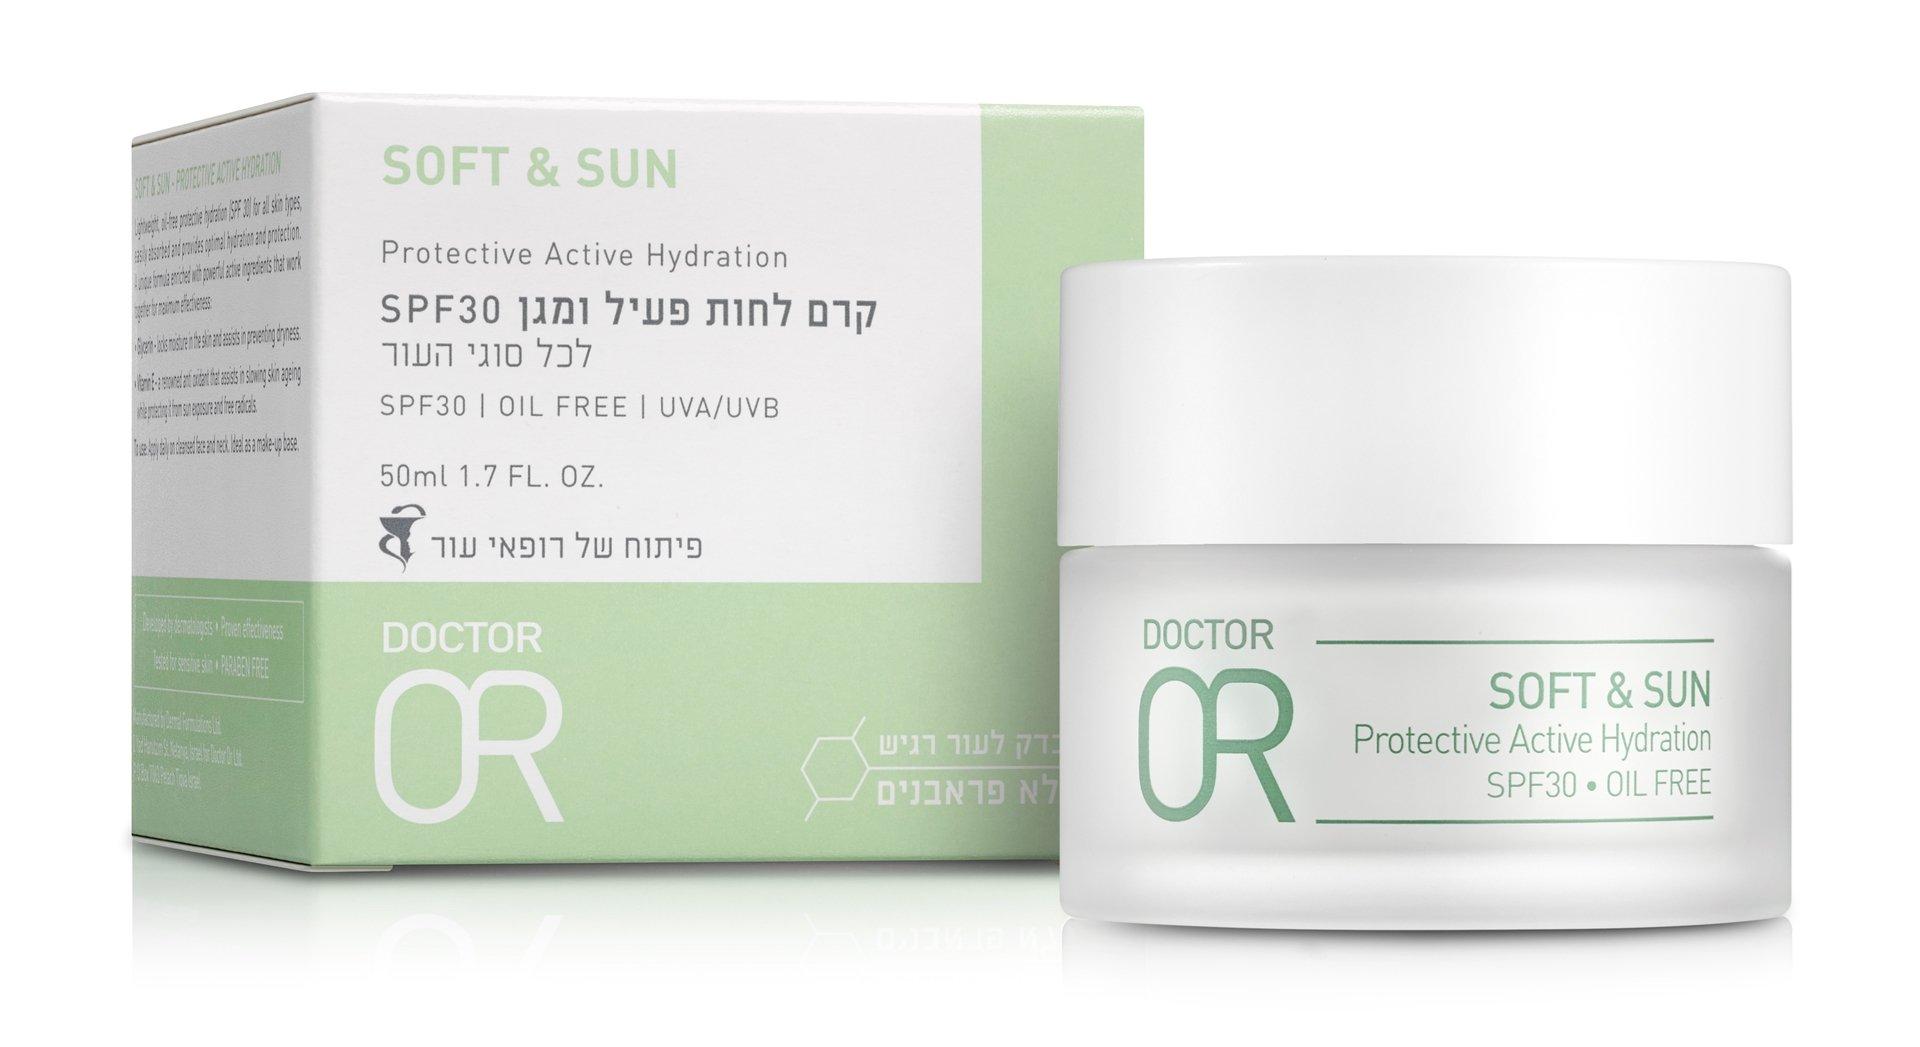 """ד""""ר עור סופט אנד סאן קרם לחות והגנה מהשמש Dr. Or Soft&Sun SPF30"""